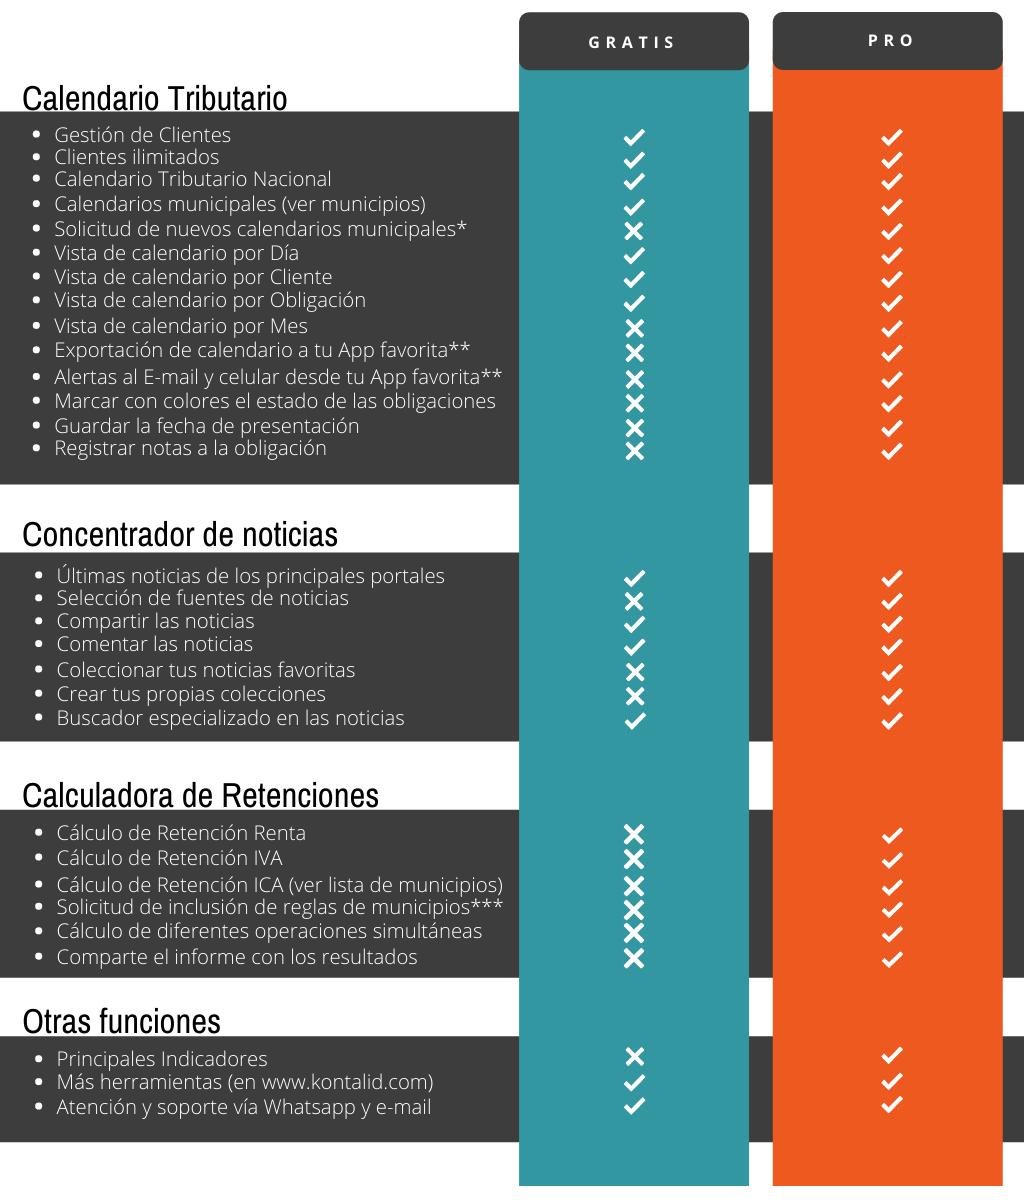 Comparacion versiones Kontalid